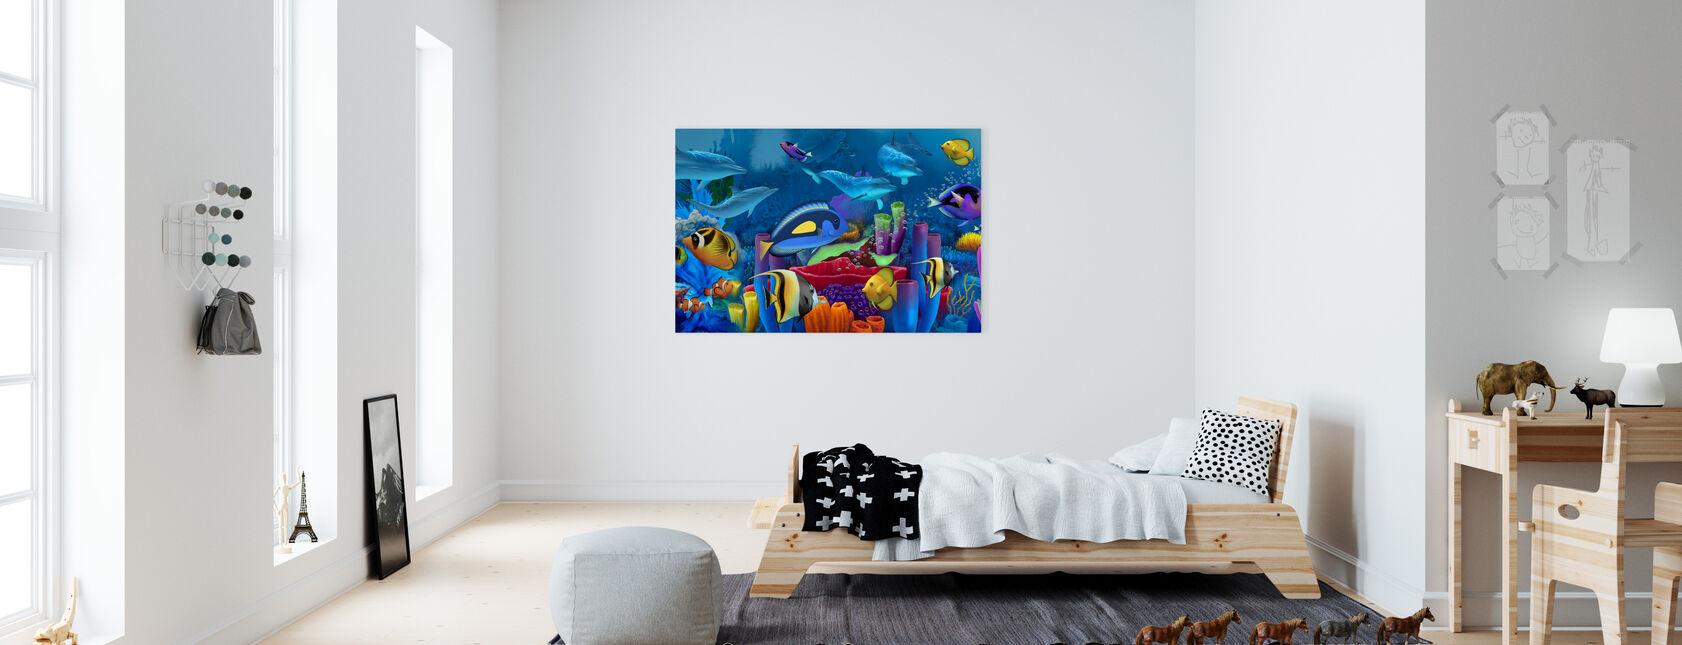 Neptunes puutarha - Canvastaulu - Lastenhuone